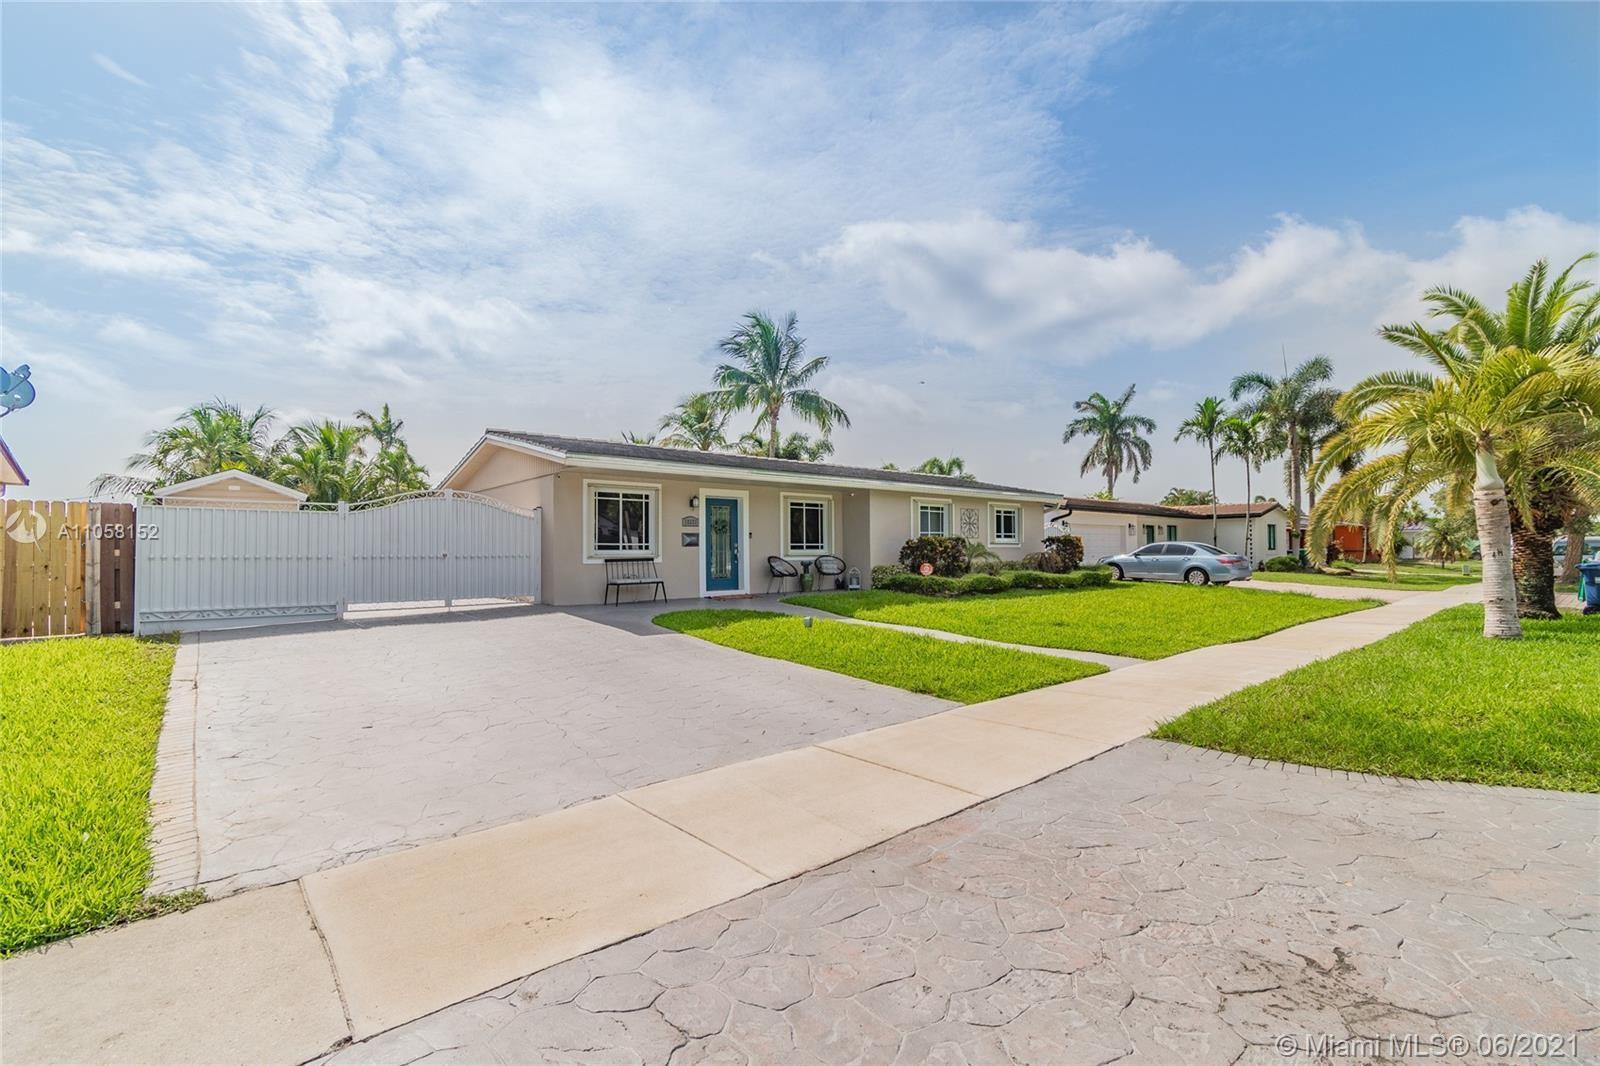 18321 NW 86th Ave, Miami, FL 33015 - #: A11058152